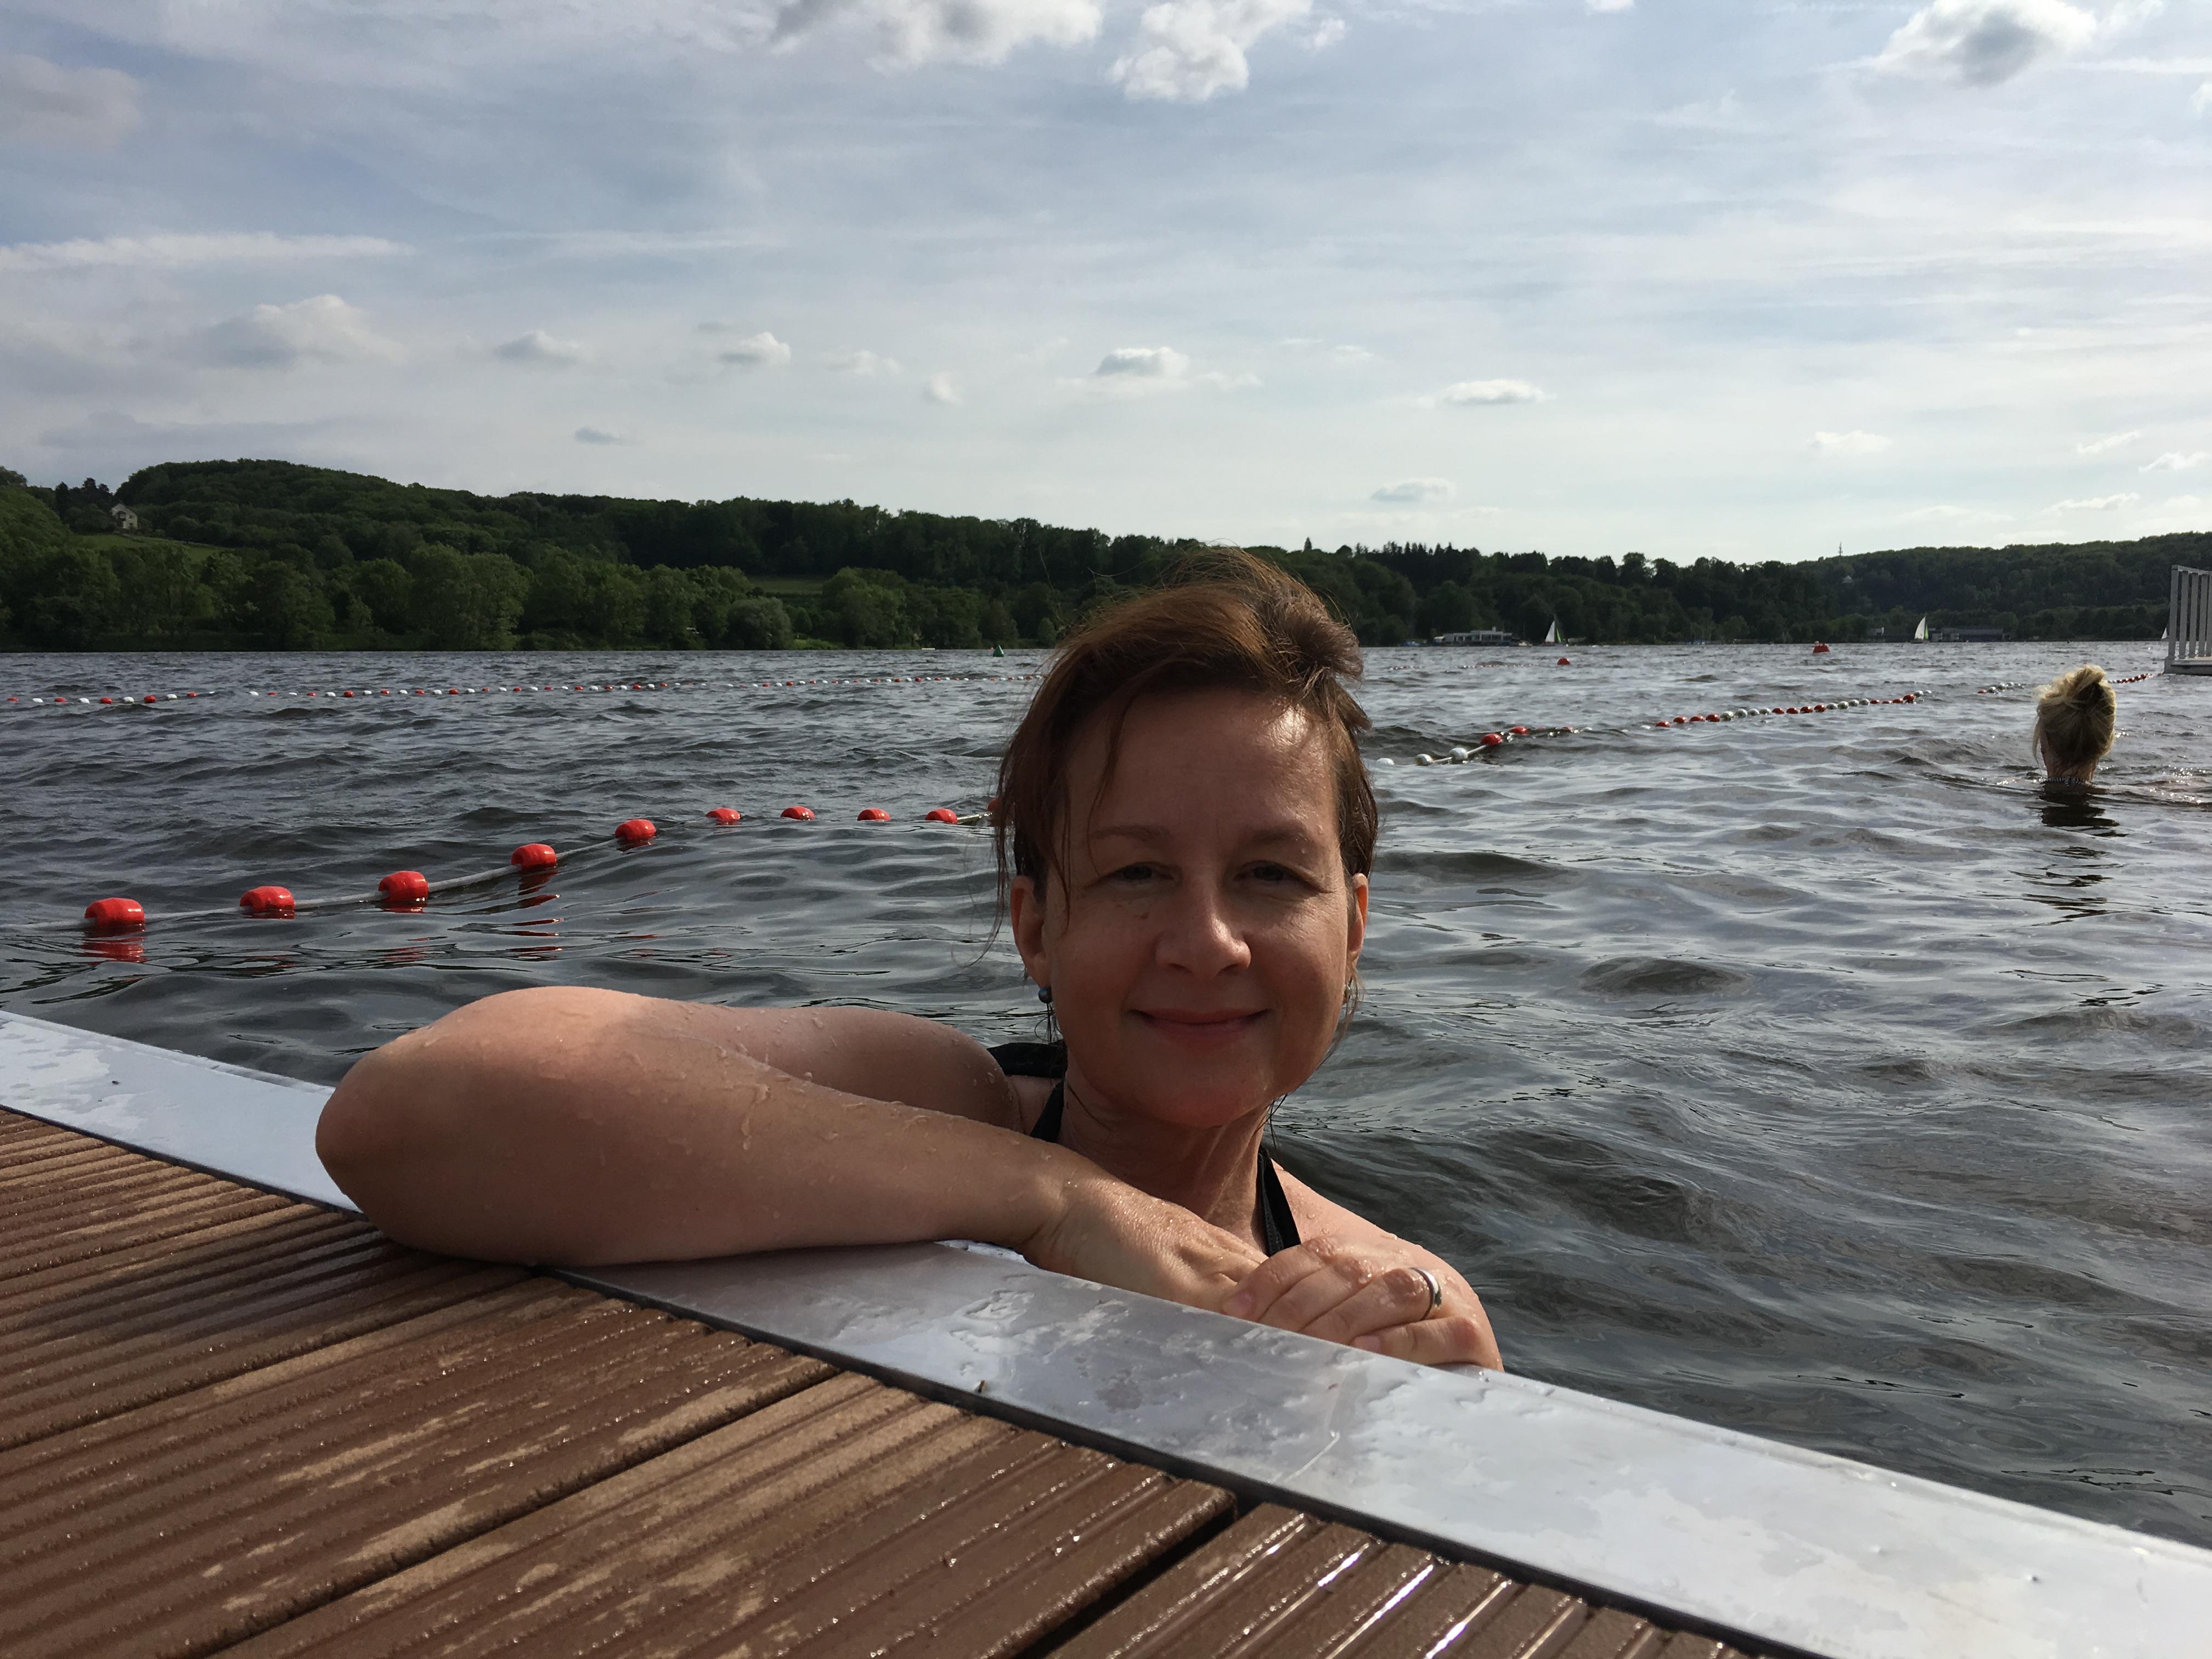 Anschwimmen im Baldeneysee - es lohnt sich!